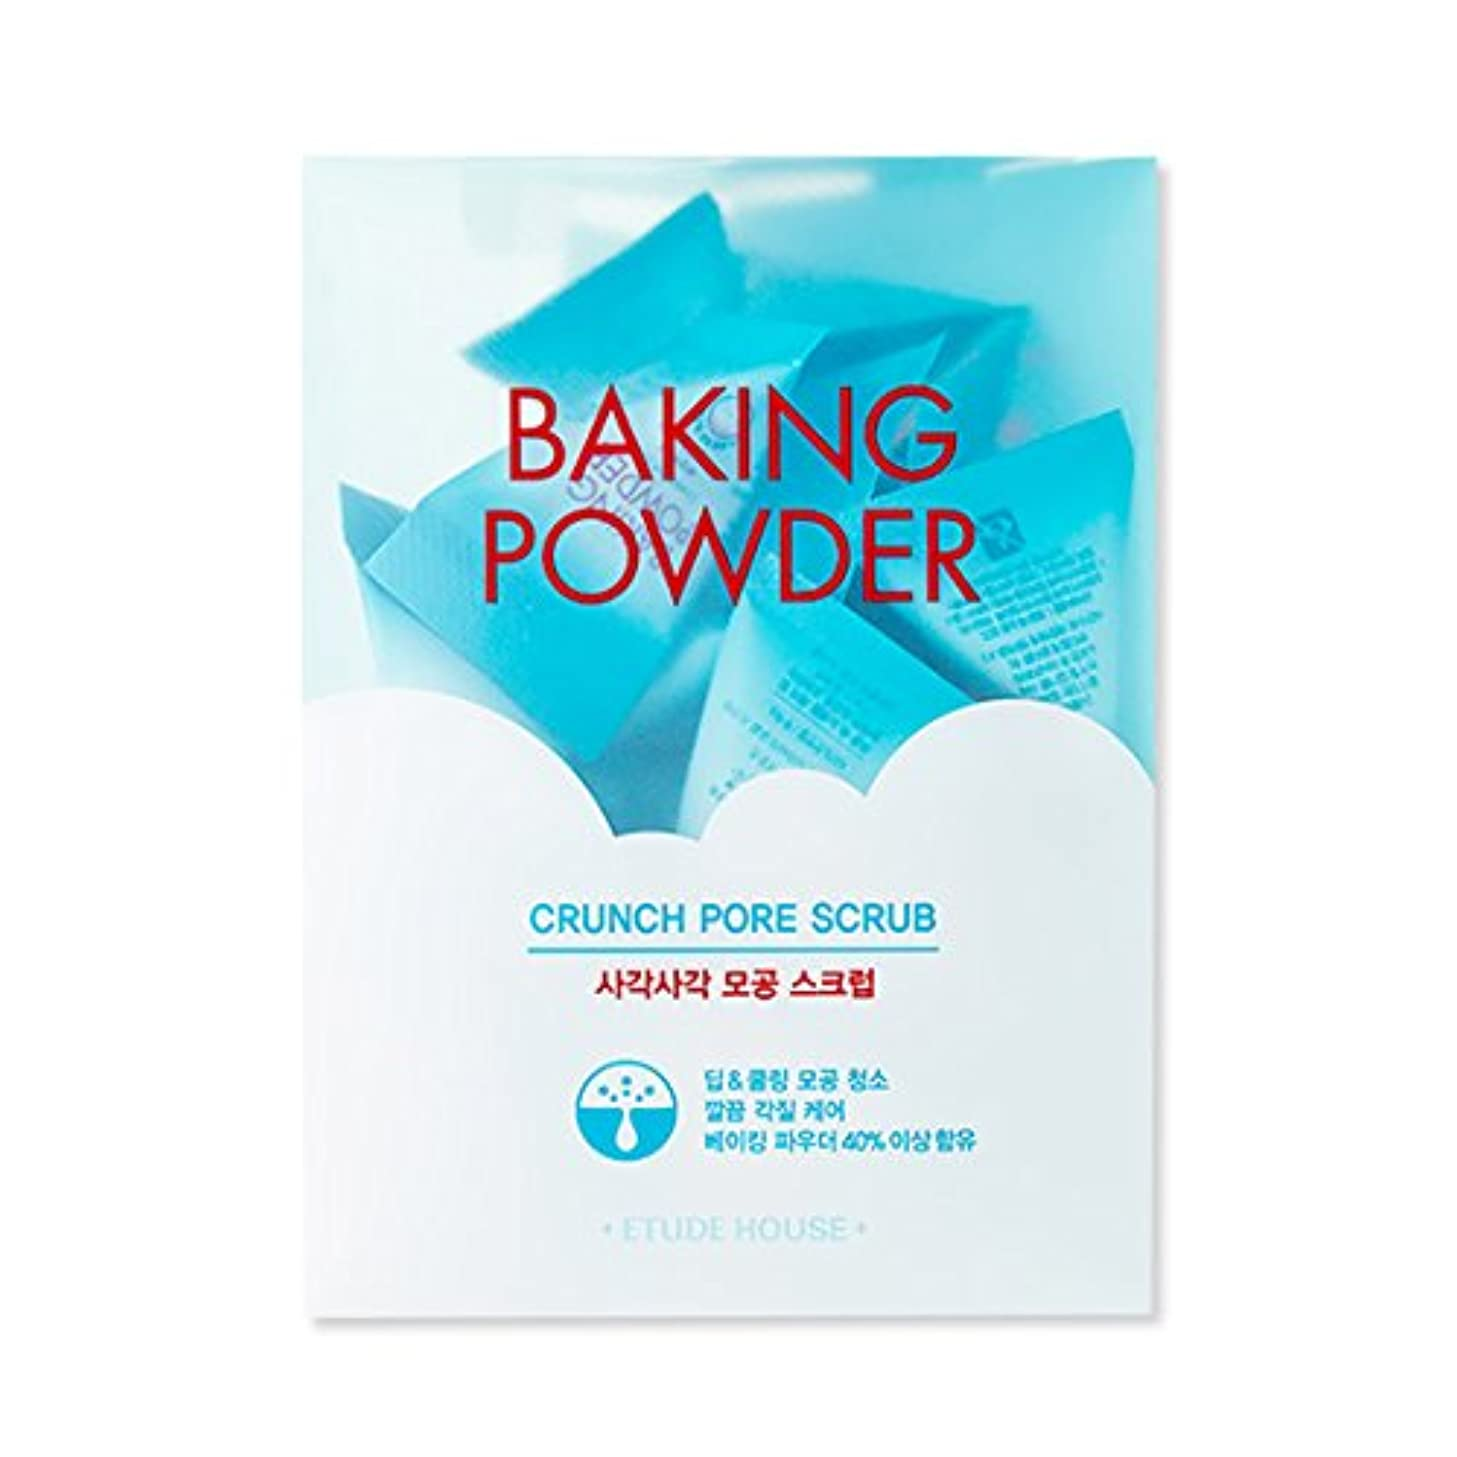 小人戦艦入場料[2016 Upgrade!] ETUDE HOUSE Baking Powder Crunch Pore Scrub 7g×24ea/エチュードハウス ベーキング パウダー クランチ ポア スクラブ 7g×24ea [...